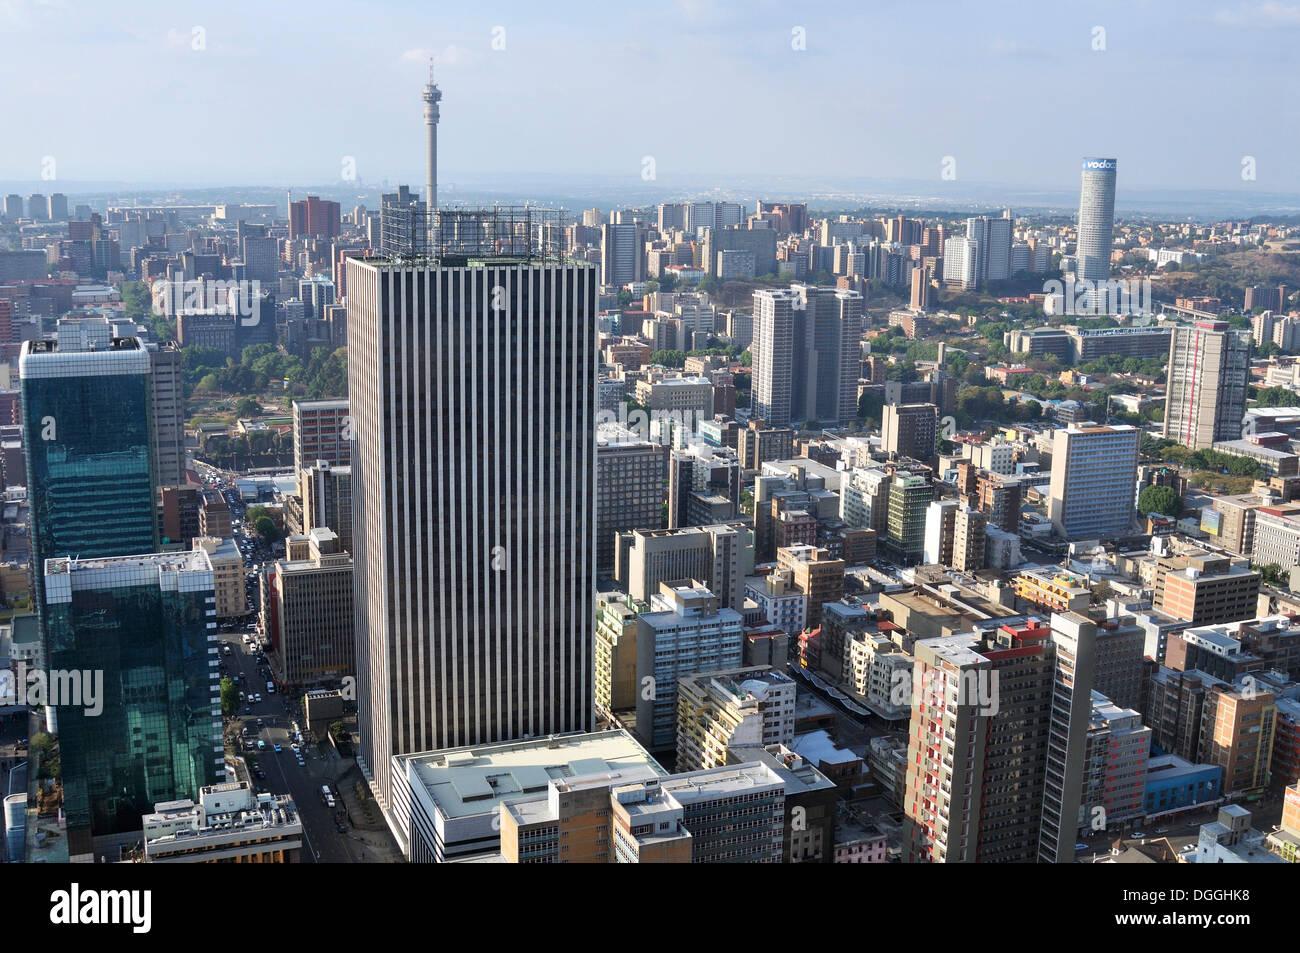 Vue sur Johannesburg depuis la terrasse du Carlton Centre, avec une hauteur de 220m le plus haut gratte-ciel d'Afrique Photo Stock